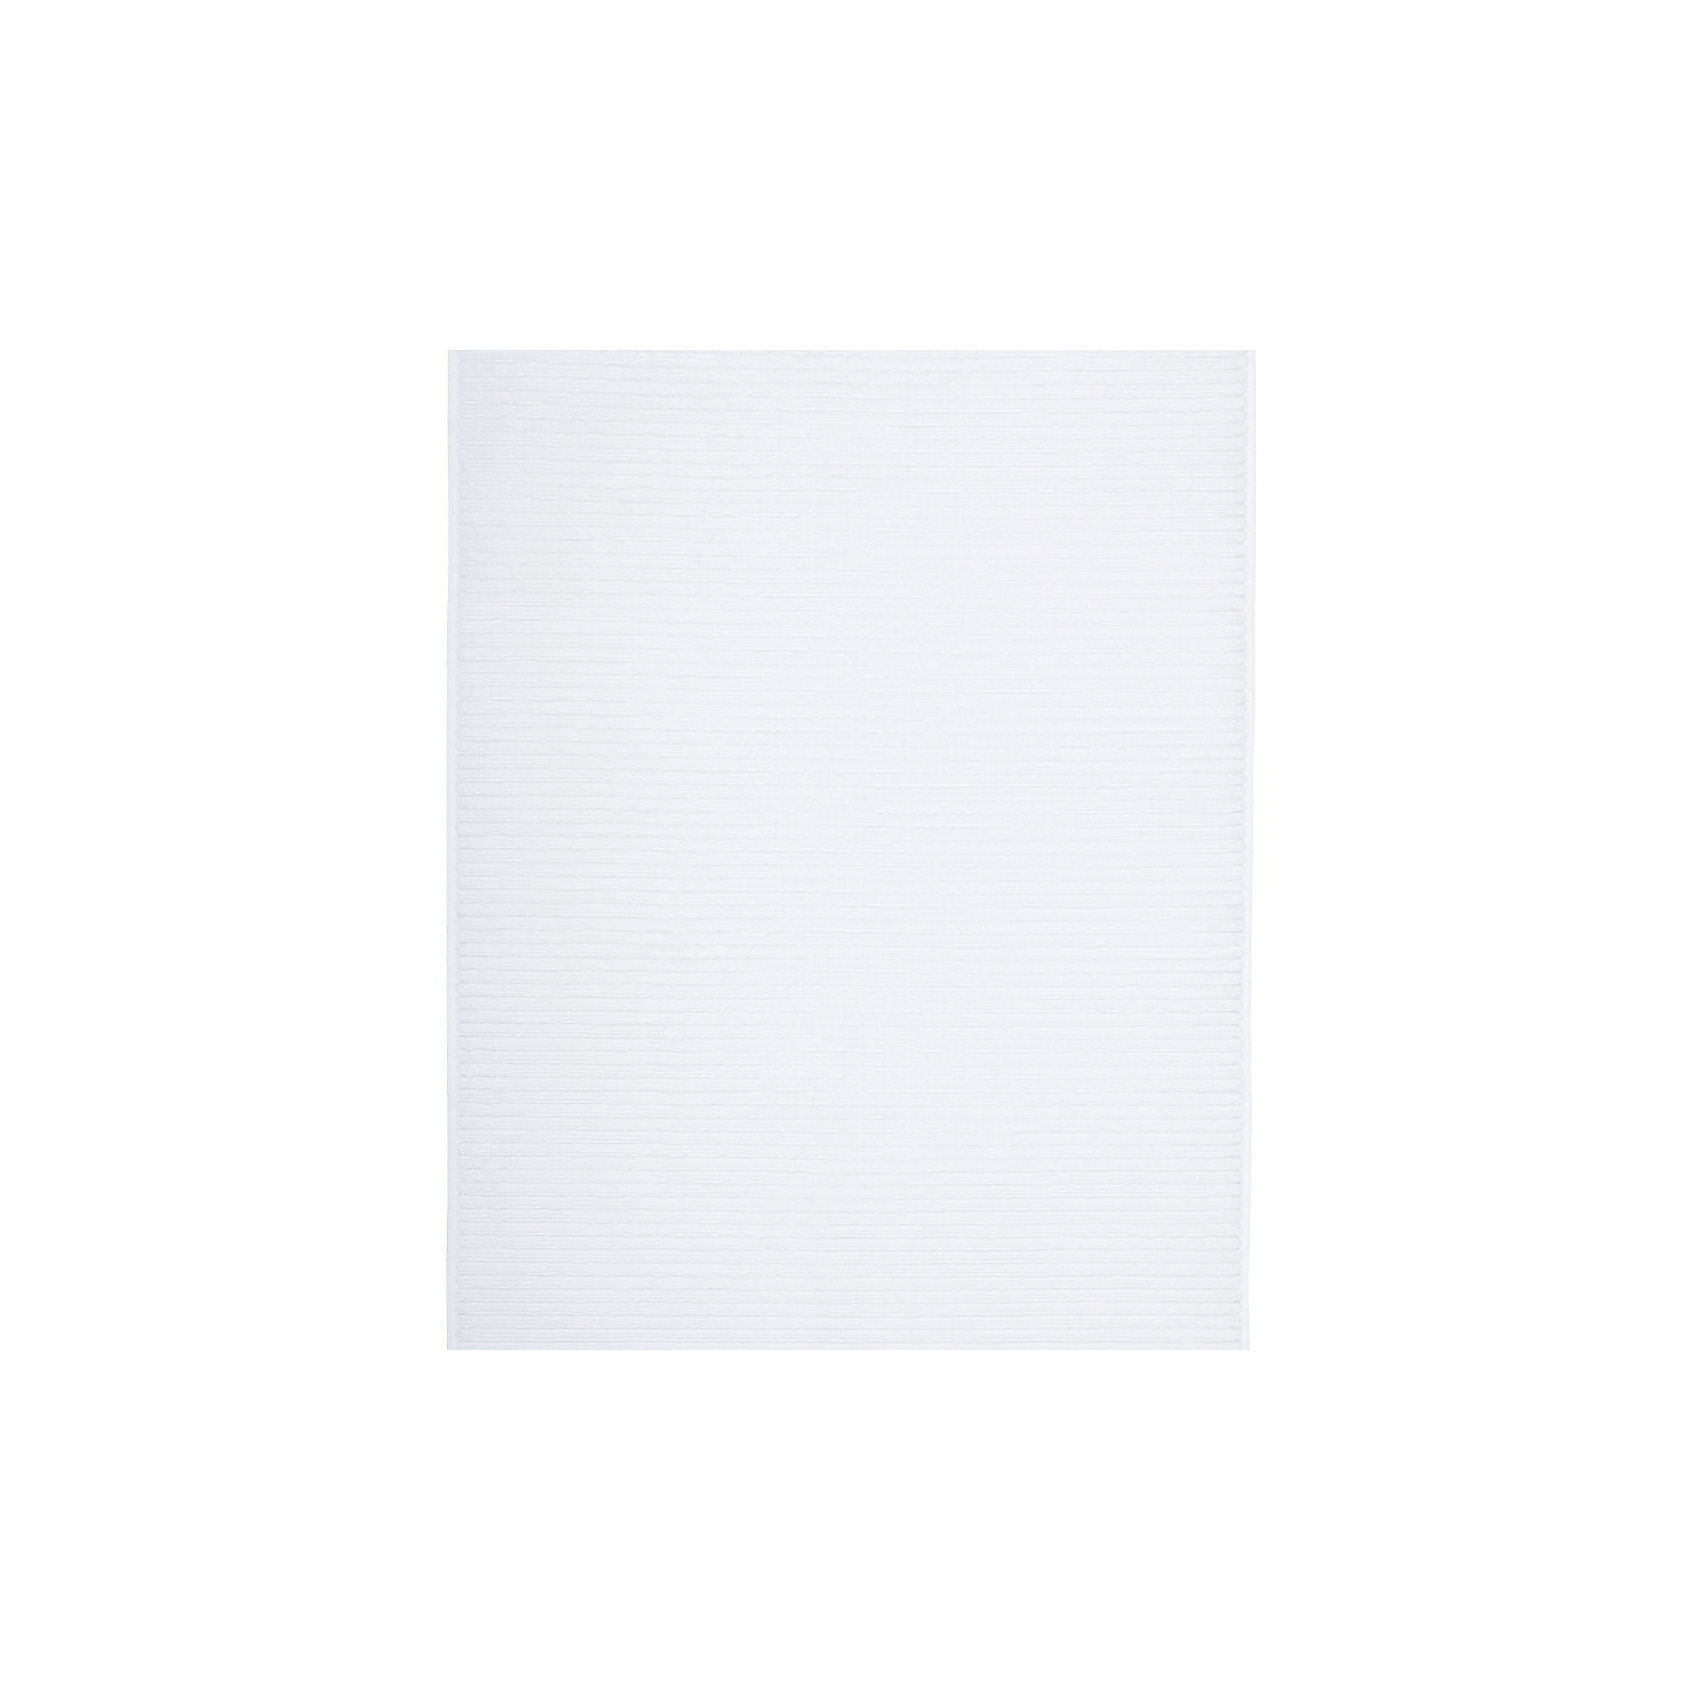 Полотенце для ног махровое Maison Bambu, 50*70, TAC, белый (beyaz)Ванная комната<br>Характеристики:<br><br>• Вид домашнего текстиля: махровое полотенце<br>• Размеры полотенца: 50*70 см<br>• Рисунок: без рисунка<br>• Материал: хлопок, 50% хлопок; бамбук, 50%<br>• Цвет: белый<br>• Плотность полотна: 850 гр/м2 <br>• Повышенные впитывающие качества<br>• Вес: 300 г<br>• Размеры упаковки (Д*Ш*В): 25*3*25 см<br>• Особенности ухода: машинная стирка <br><br>Полотенце для ног махровое Maison Bambu, 50*70, TAC, белый (beyaz) от наиболее популярного бренда на отечественном рынке среди производителей комплектов постельного белья и текстильных принадлежностей, выпуском которого занимается производственная компания, являющаяся частью мирового холдинга Zorlu Holding Textiles Group. Полотенце выполнено из сочетания натурального хлопка и бамбукового волокна, что обеспечивает гипоаллергенность, высокую износоустойчивость, повышенные гигкоскопические и антибактериальные свойства изделия. <br><br>Благодаря высокой степени плотности махры, полотенце отлично впитывает влагу, но при этом остается мягким. Ворс окрашен стойкими нетоксичными красителями, который не оставляет запаха и обеспечивает ровный окрас. Полотенце сохраняет свой цвет и форму даже при частых стирках. Выполнено в белом цвете без рисунка. <br><br>Полотенце для ног махровое Maison Bambu, 50*70, TAC, белый (beyaz) можно купить в нашем интернет-магазине.<br><br>Ширина мм: 250<br>Глубина мм: 30<br>Высота мм: 250<br>Вес г: 400<br>Возраст от месяцев: 216<br>Возраст до месяцев: 1188<br>Пол: Унисекс<br>Возраст: Детский<br>SKU: 5476347